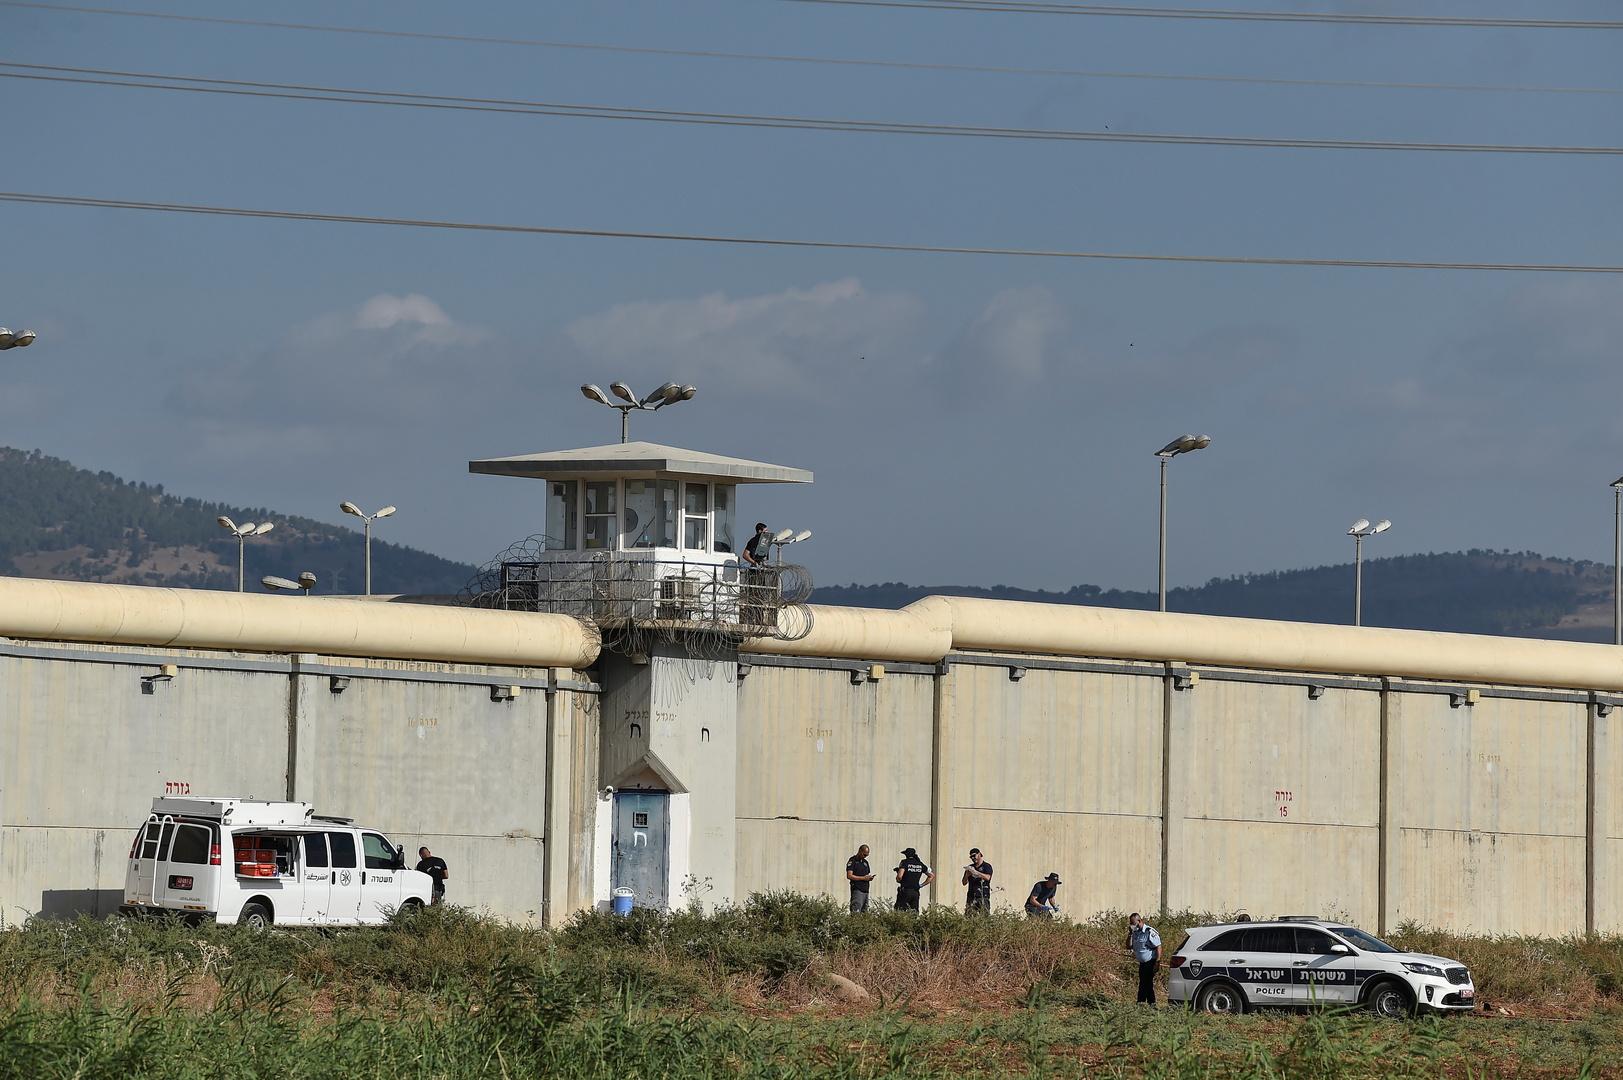 إسرائيل.. تكليف لجنة حكومية بالتحقيق في ملابسات هروب السجناء الفلسطينيين